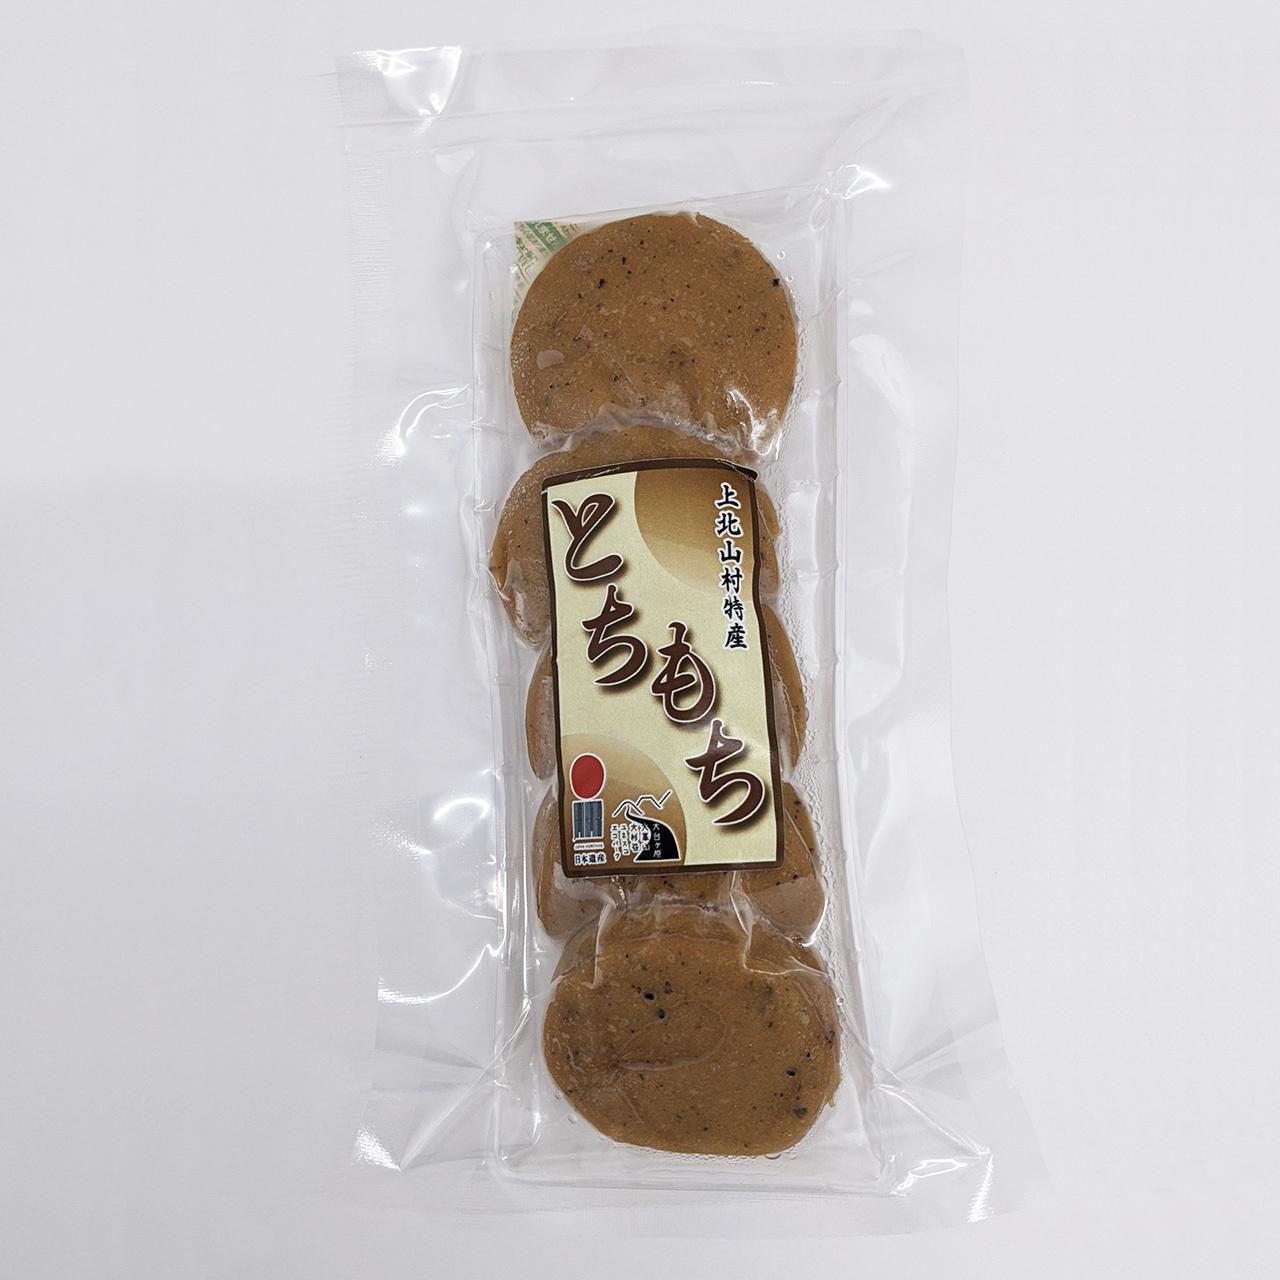 杵つきとち餅 5個入【日本遺産】(冷凍)